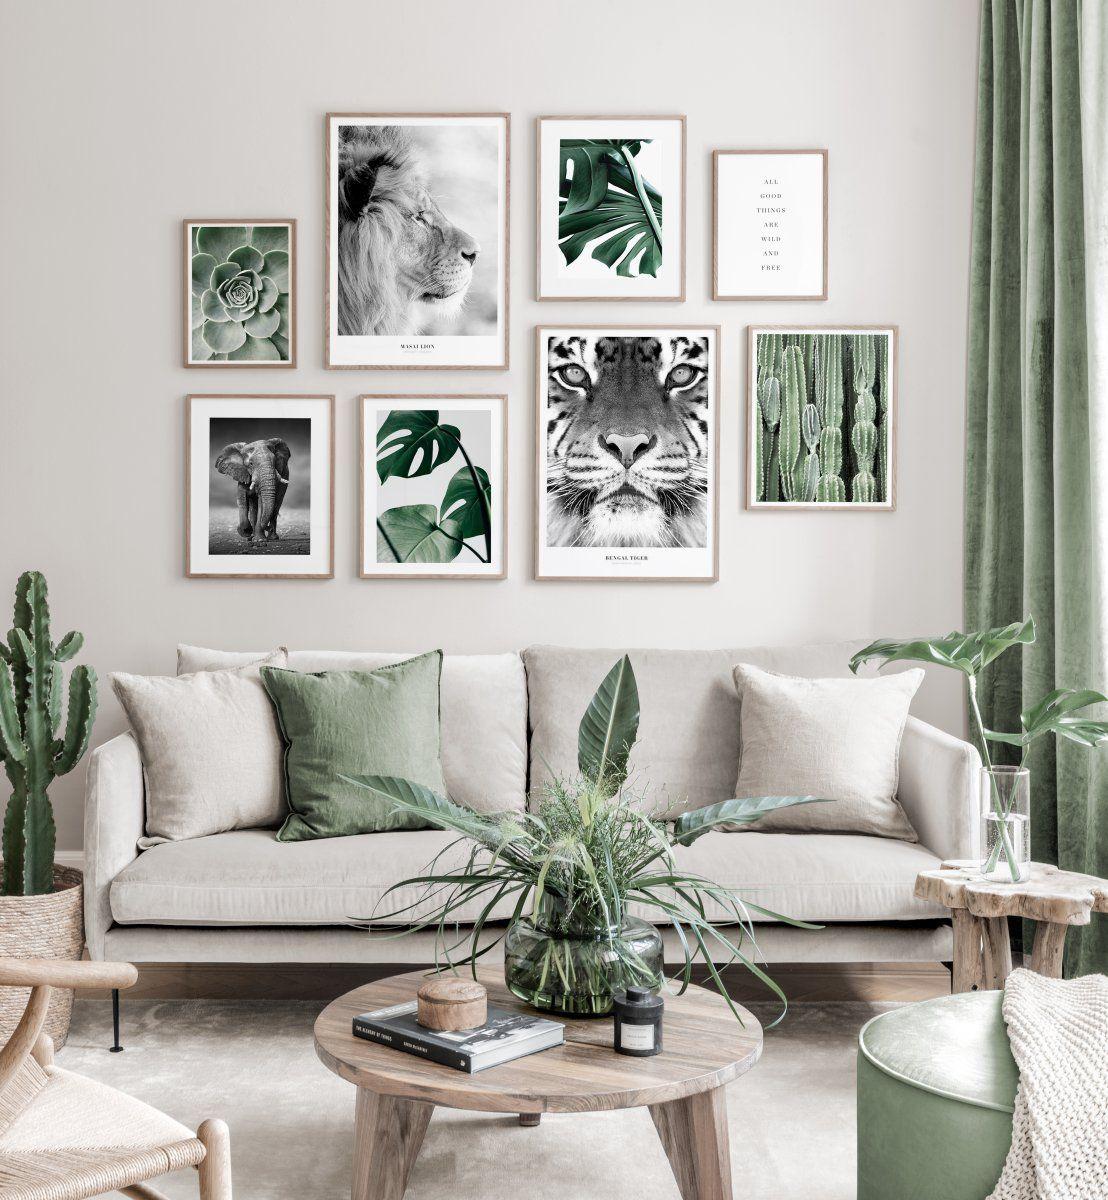 Pin On Ideer For Flytt Living room decor gallery